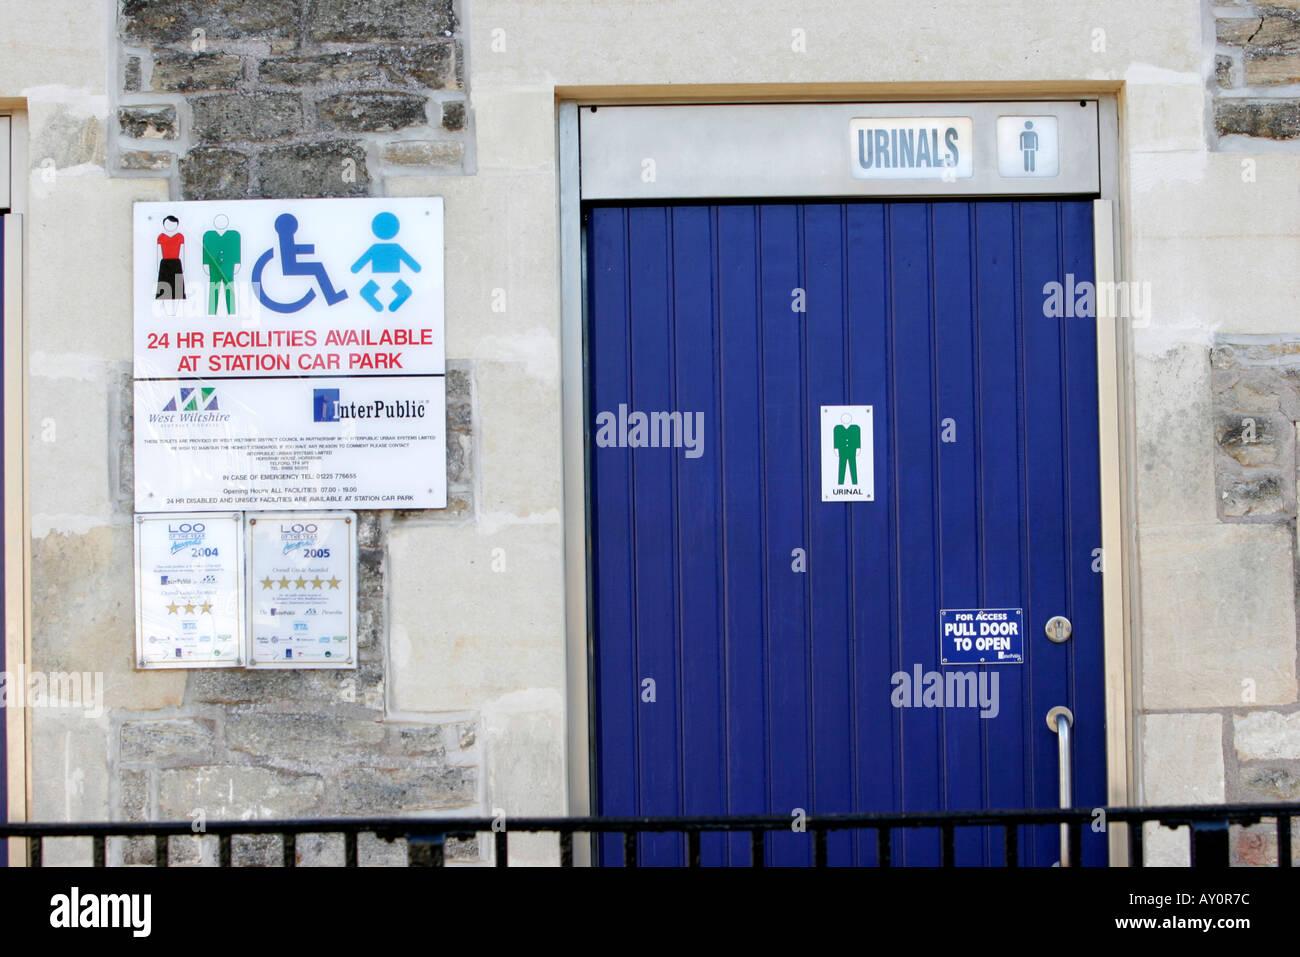 Urinals Sign Stock Photos & Urinals Sign Stock Images - Alamy